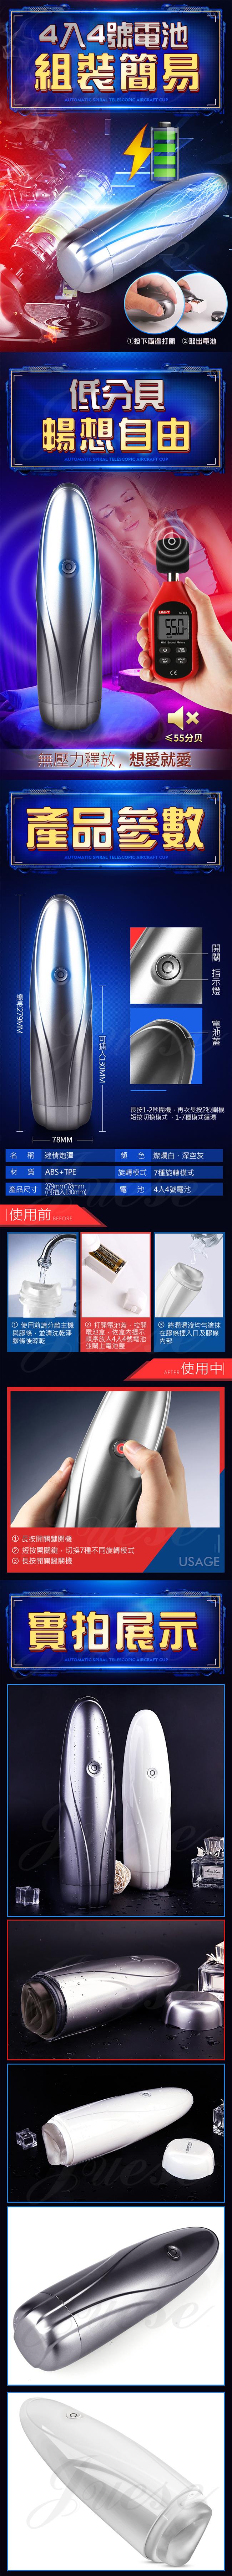 迷情炮彈 7種變頻全自動螺旋電動自慰杯-陰唇型